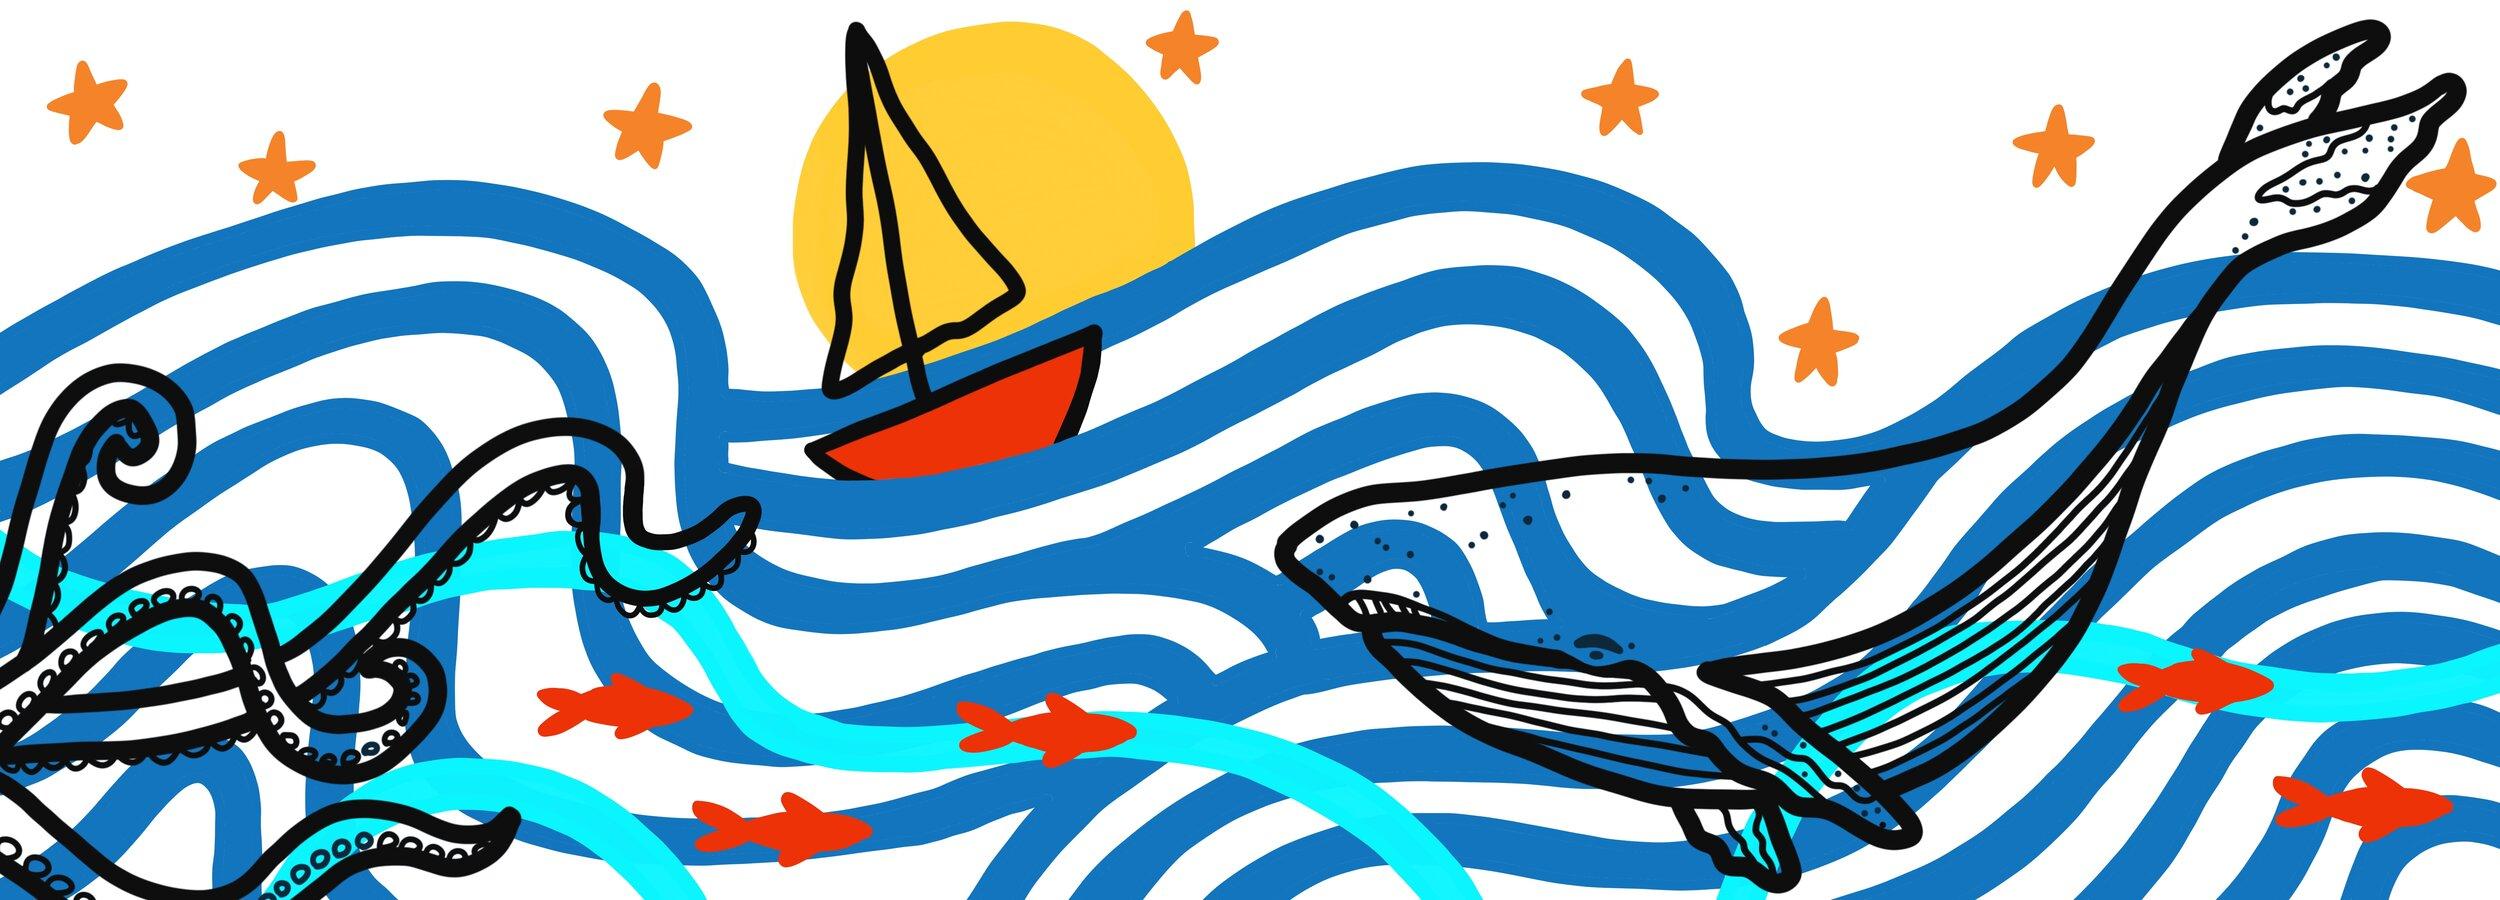 Ocean Whale Mural Design